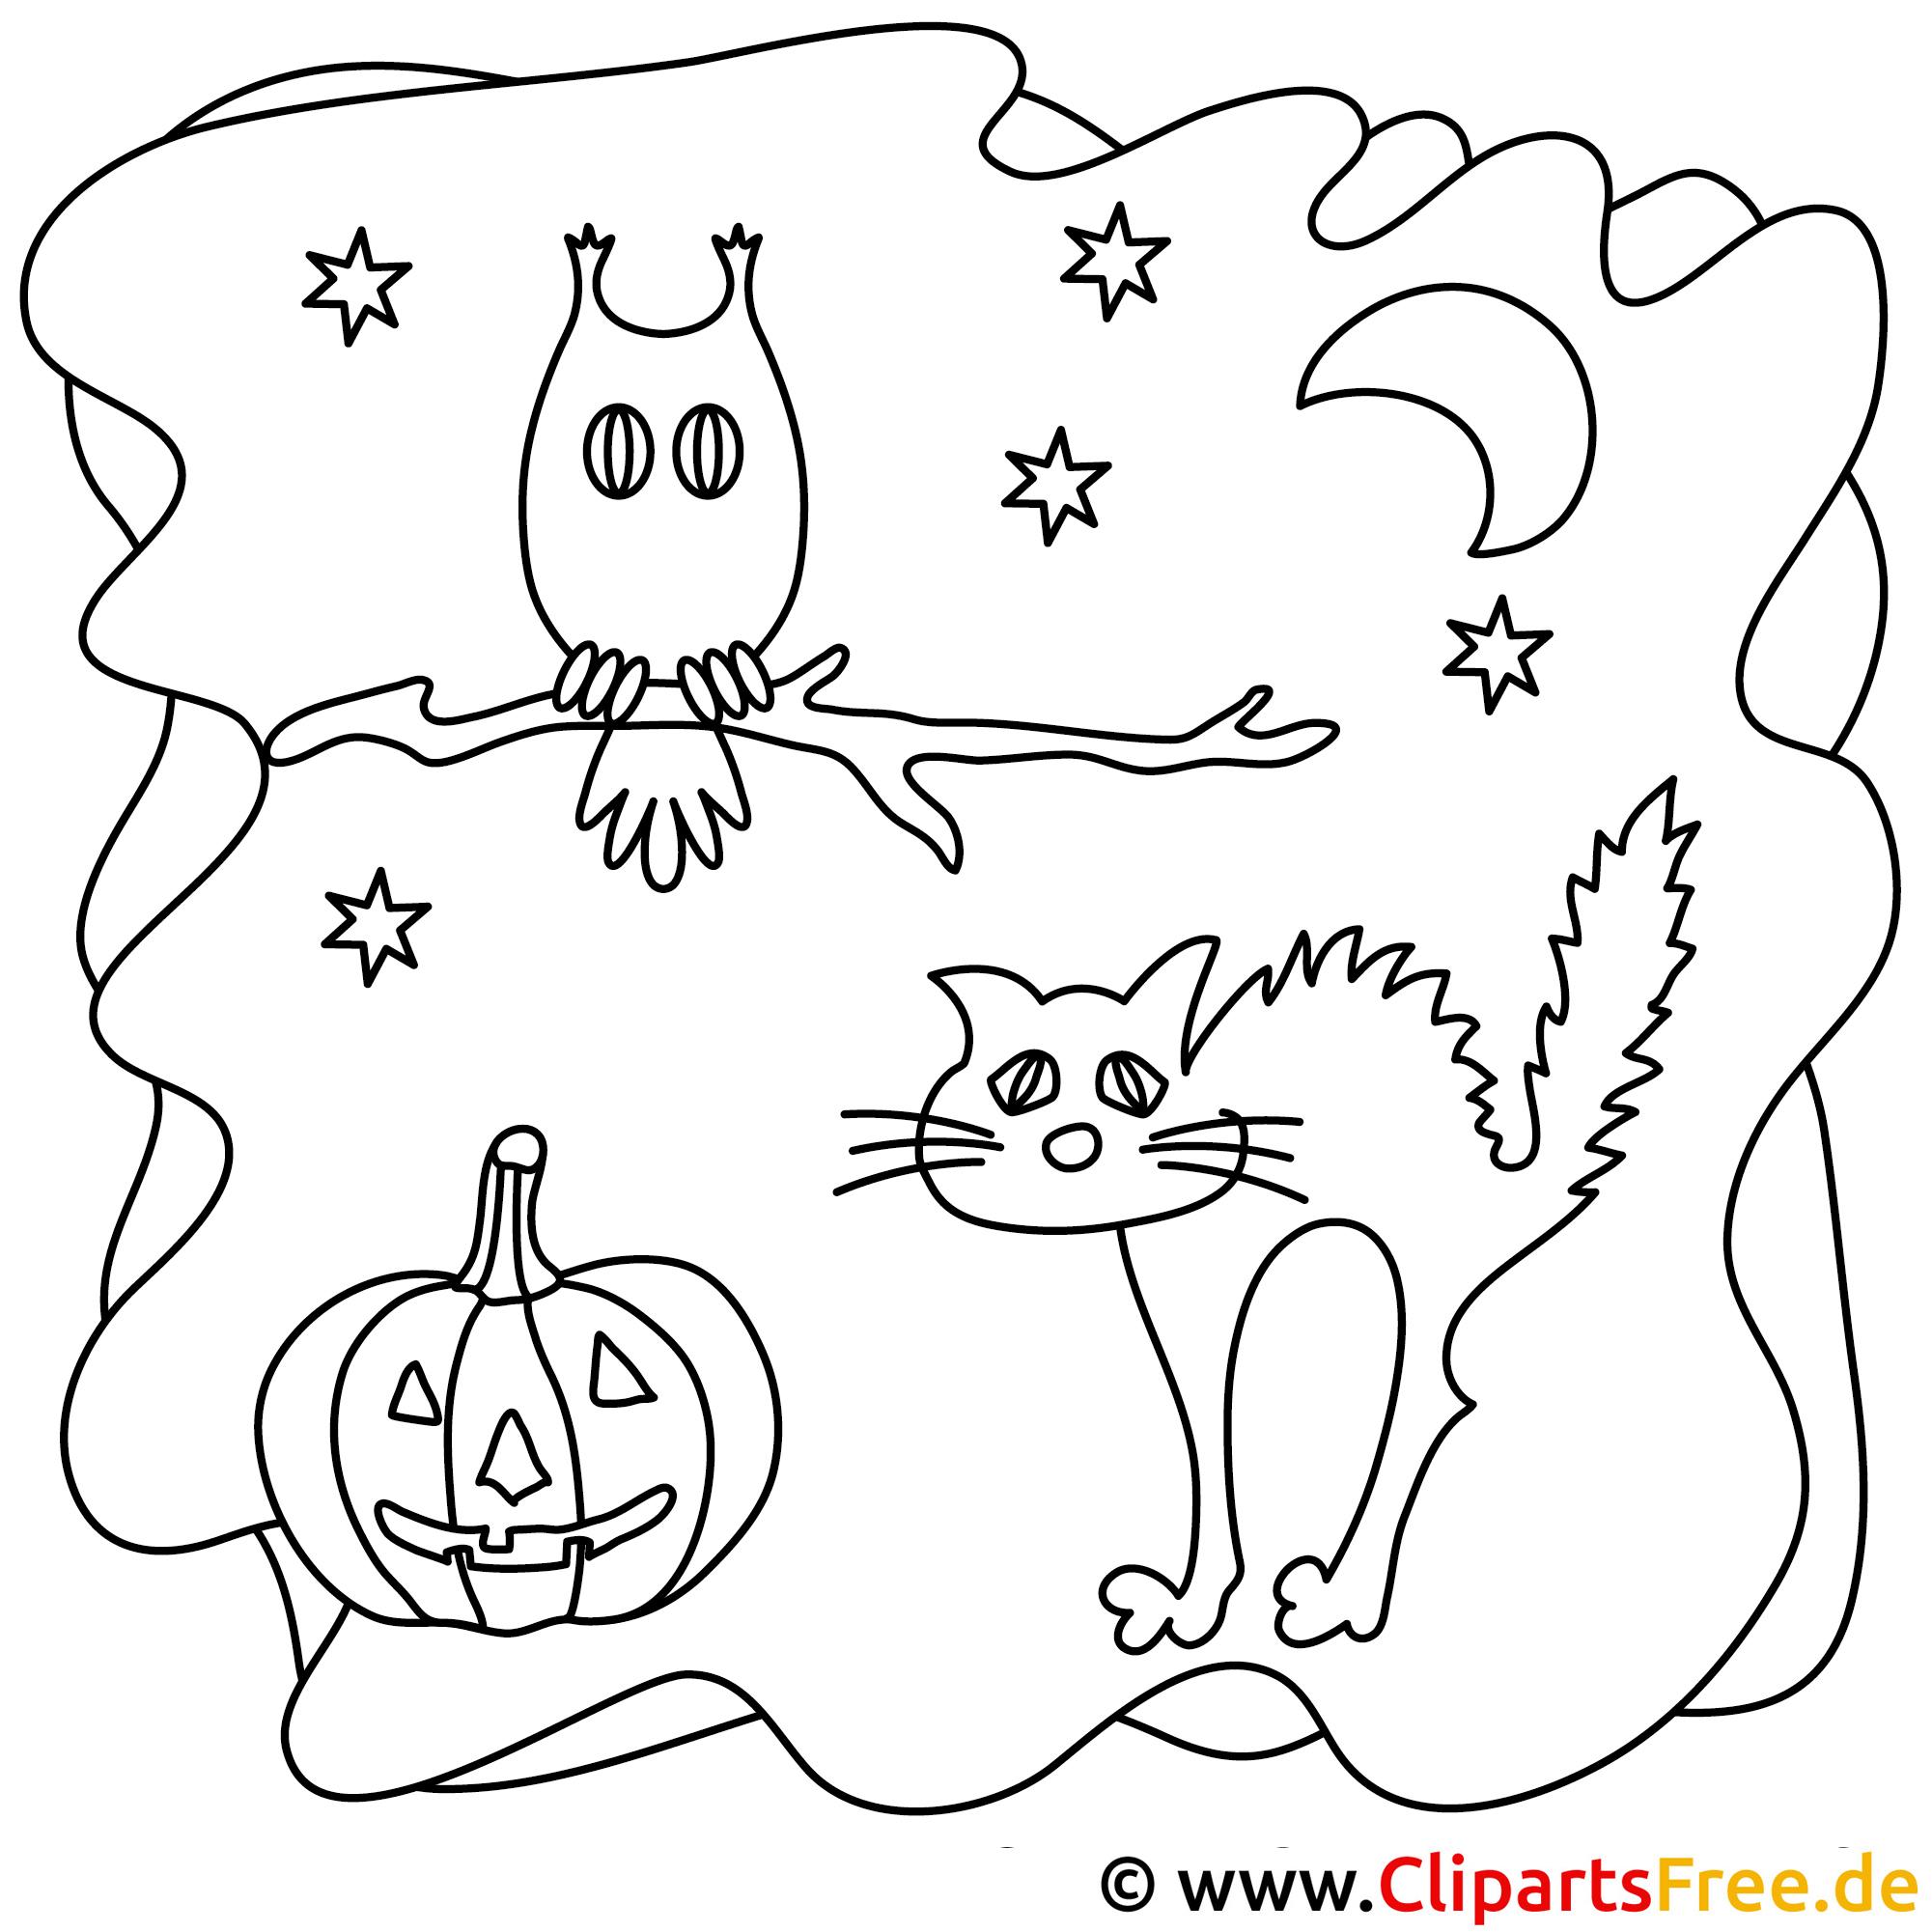 Halloween Malvorlage zu 31 Oktober